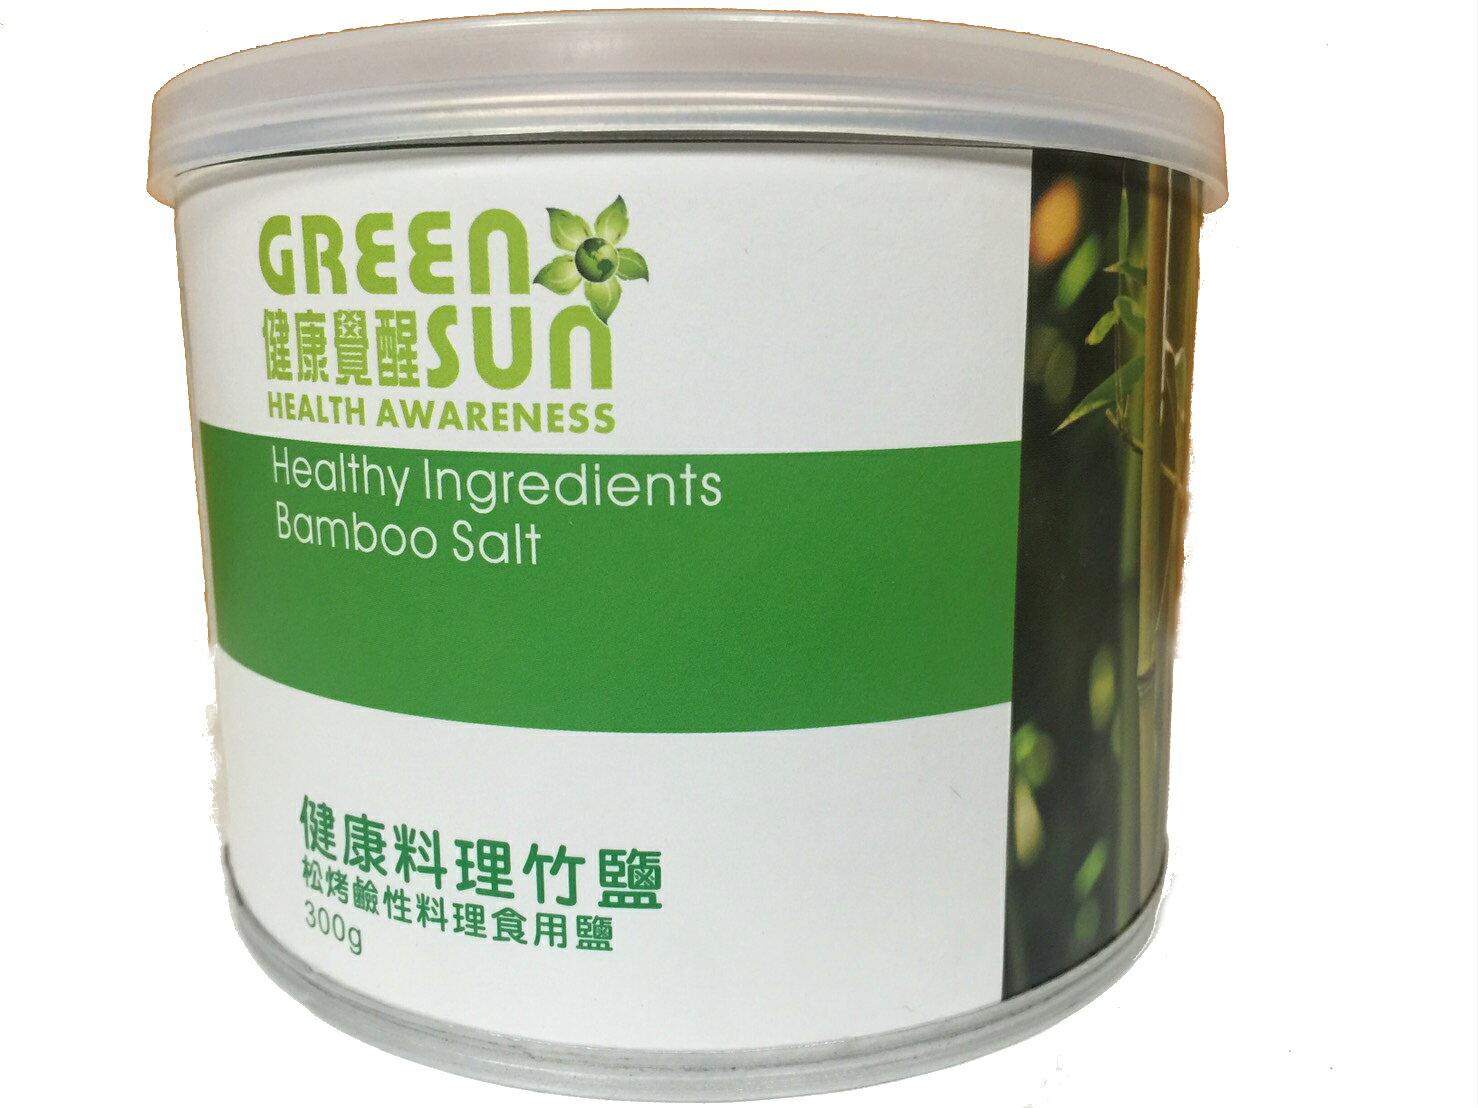 【綠太陽】【健康覺醒】健康料理竹鹽 300g